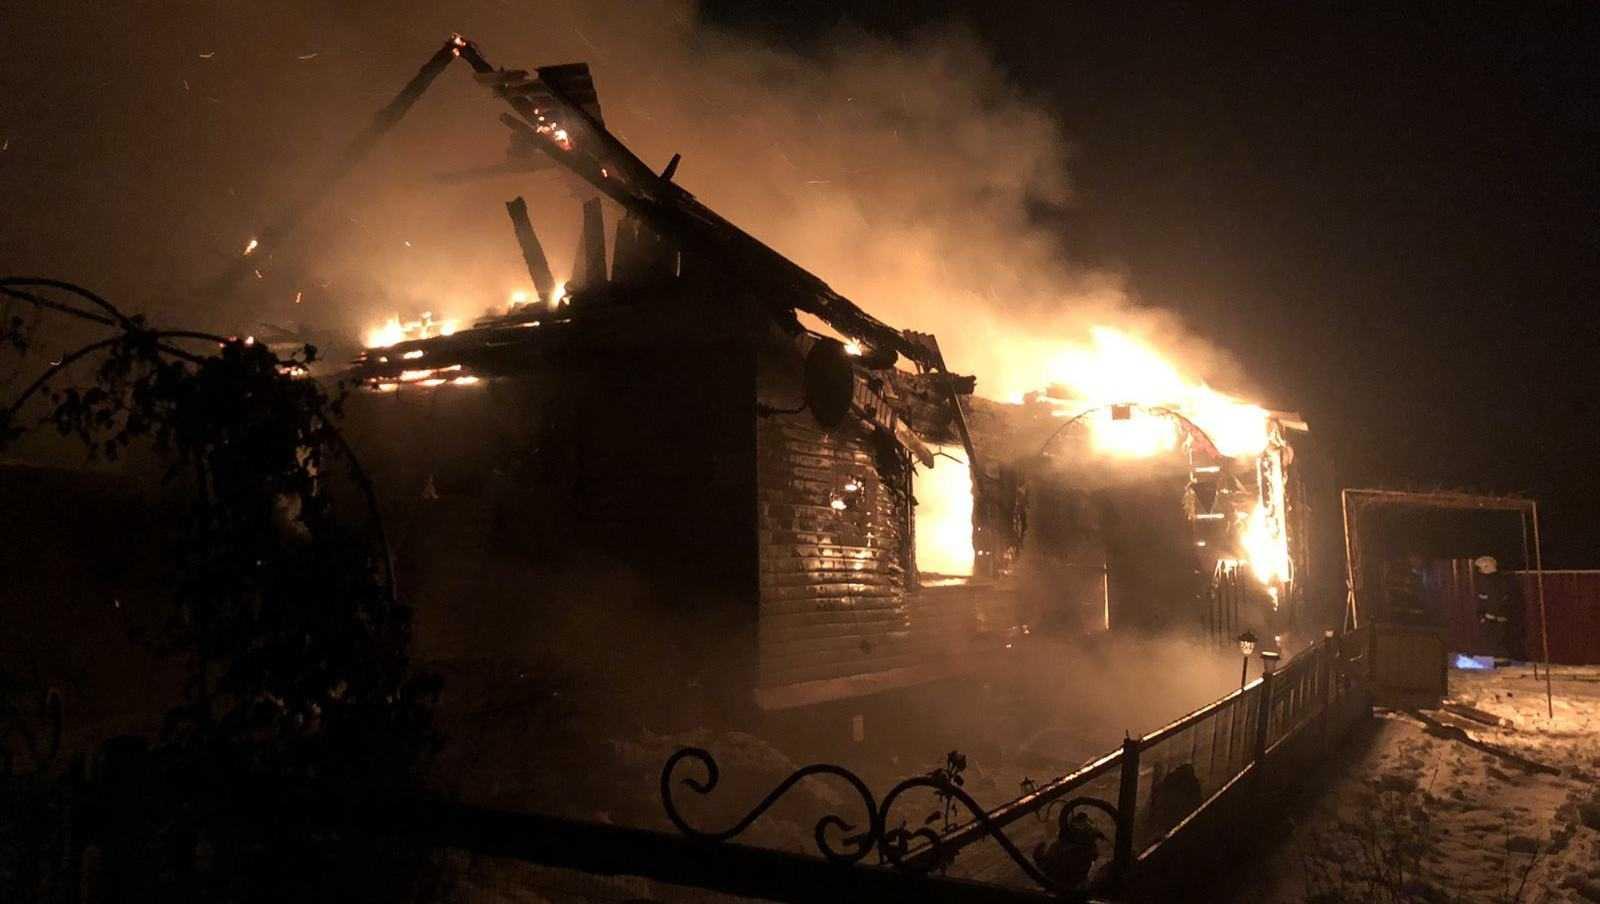 В брасовском поселке в сгоревшем доме погибли женщина и ребенок